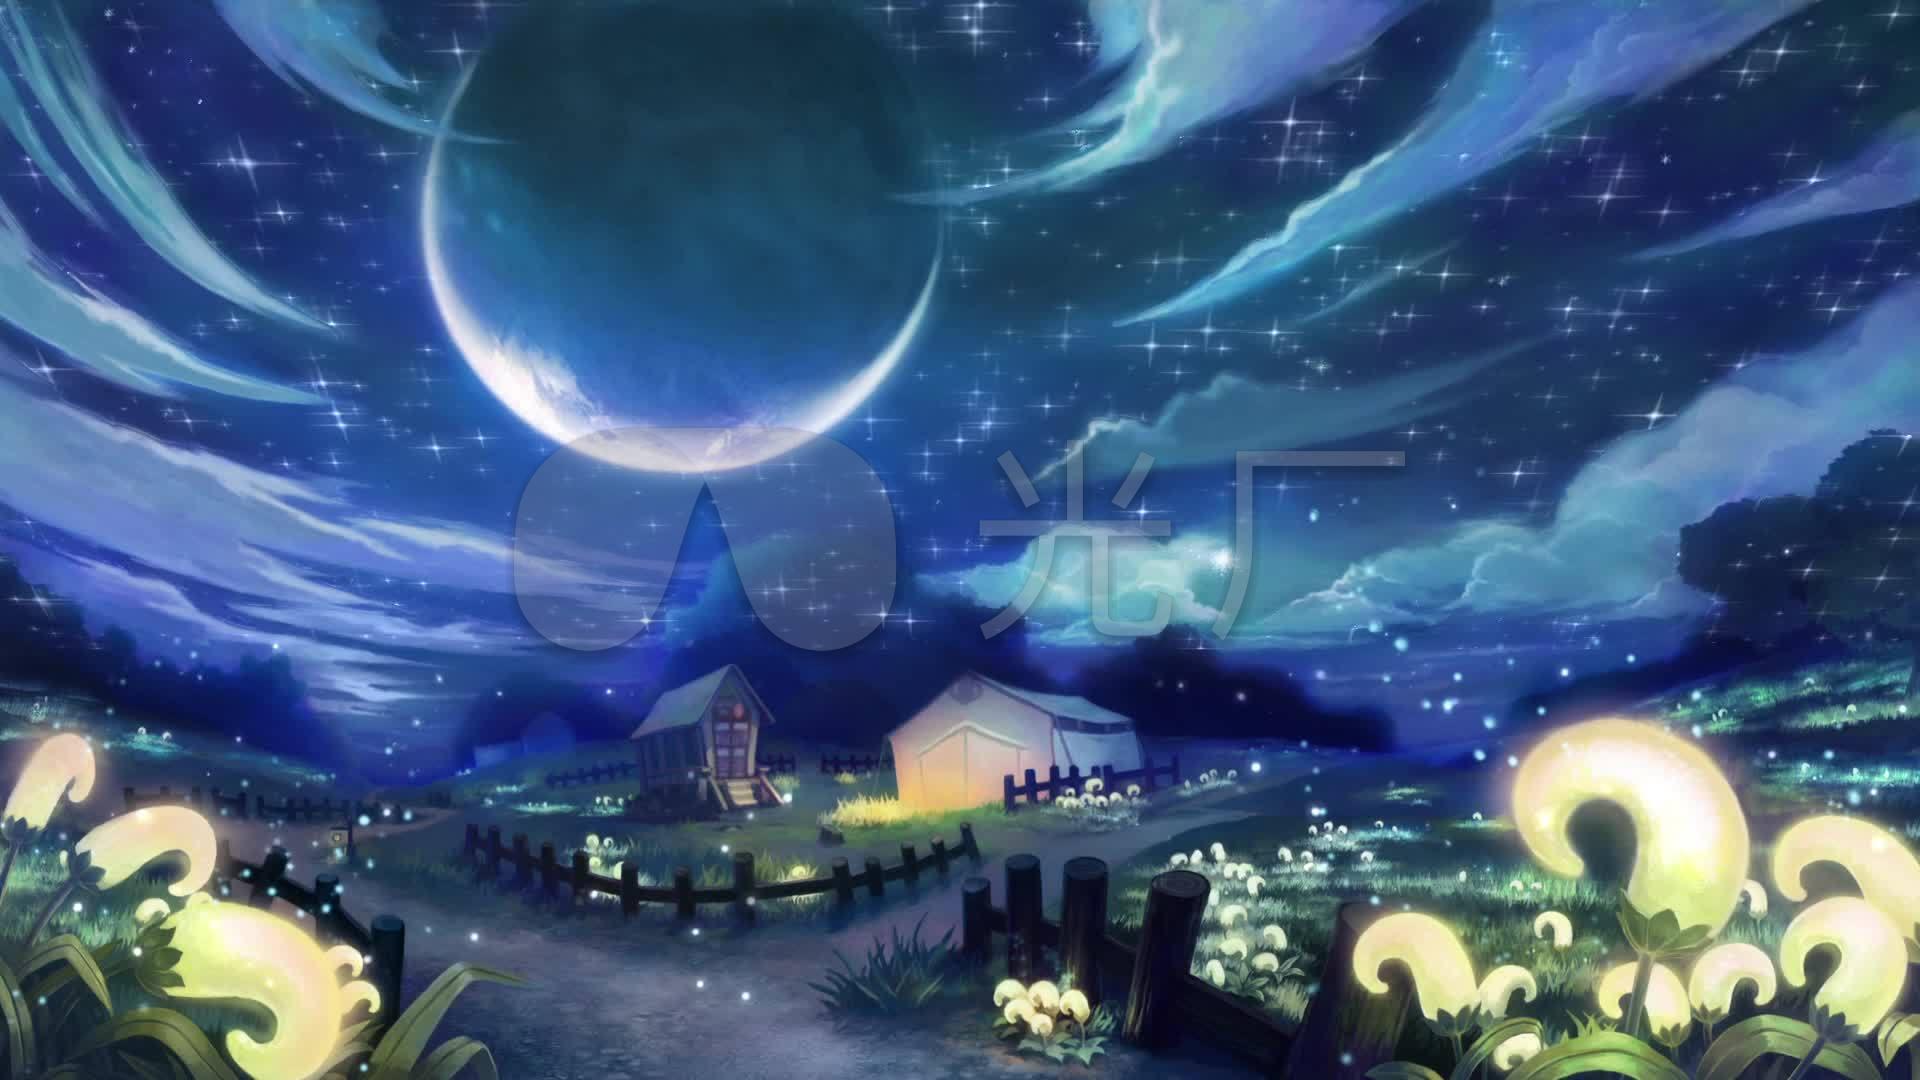 适合晚上看的漫画 适合夜深人静慢看的电影